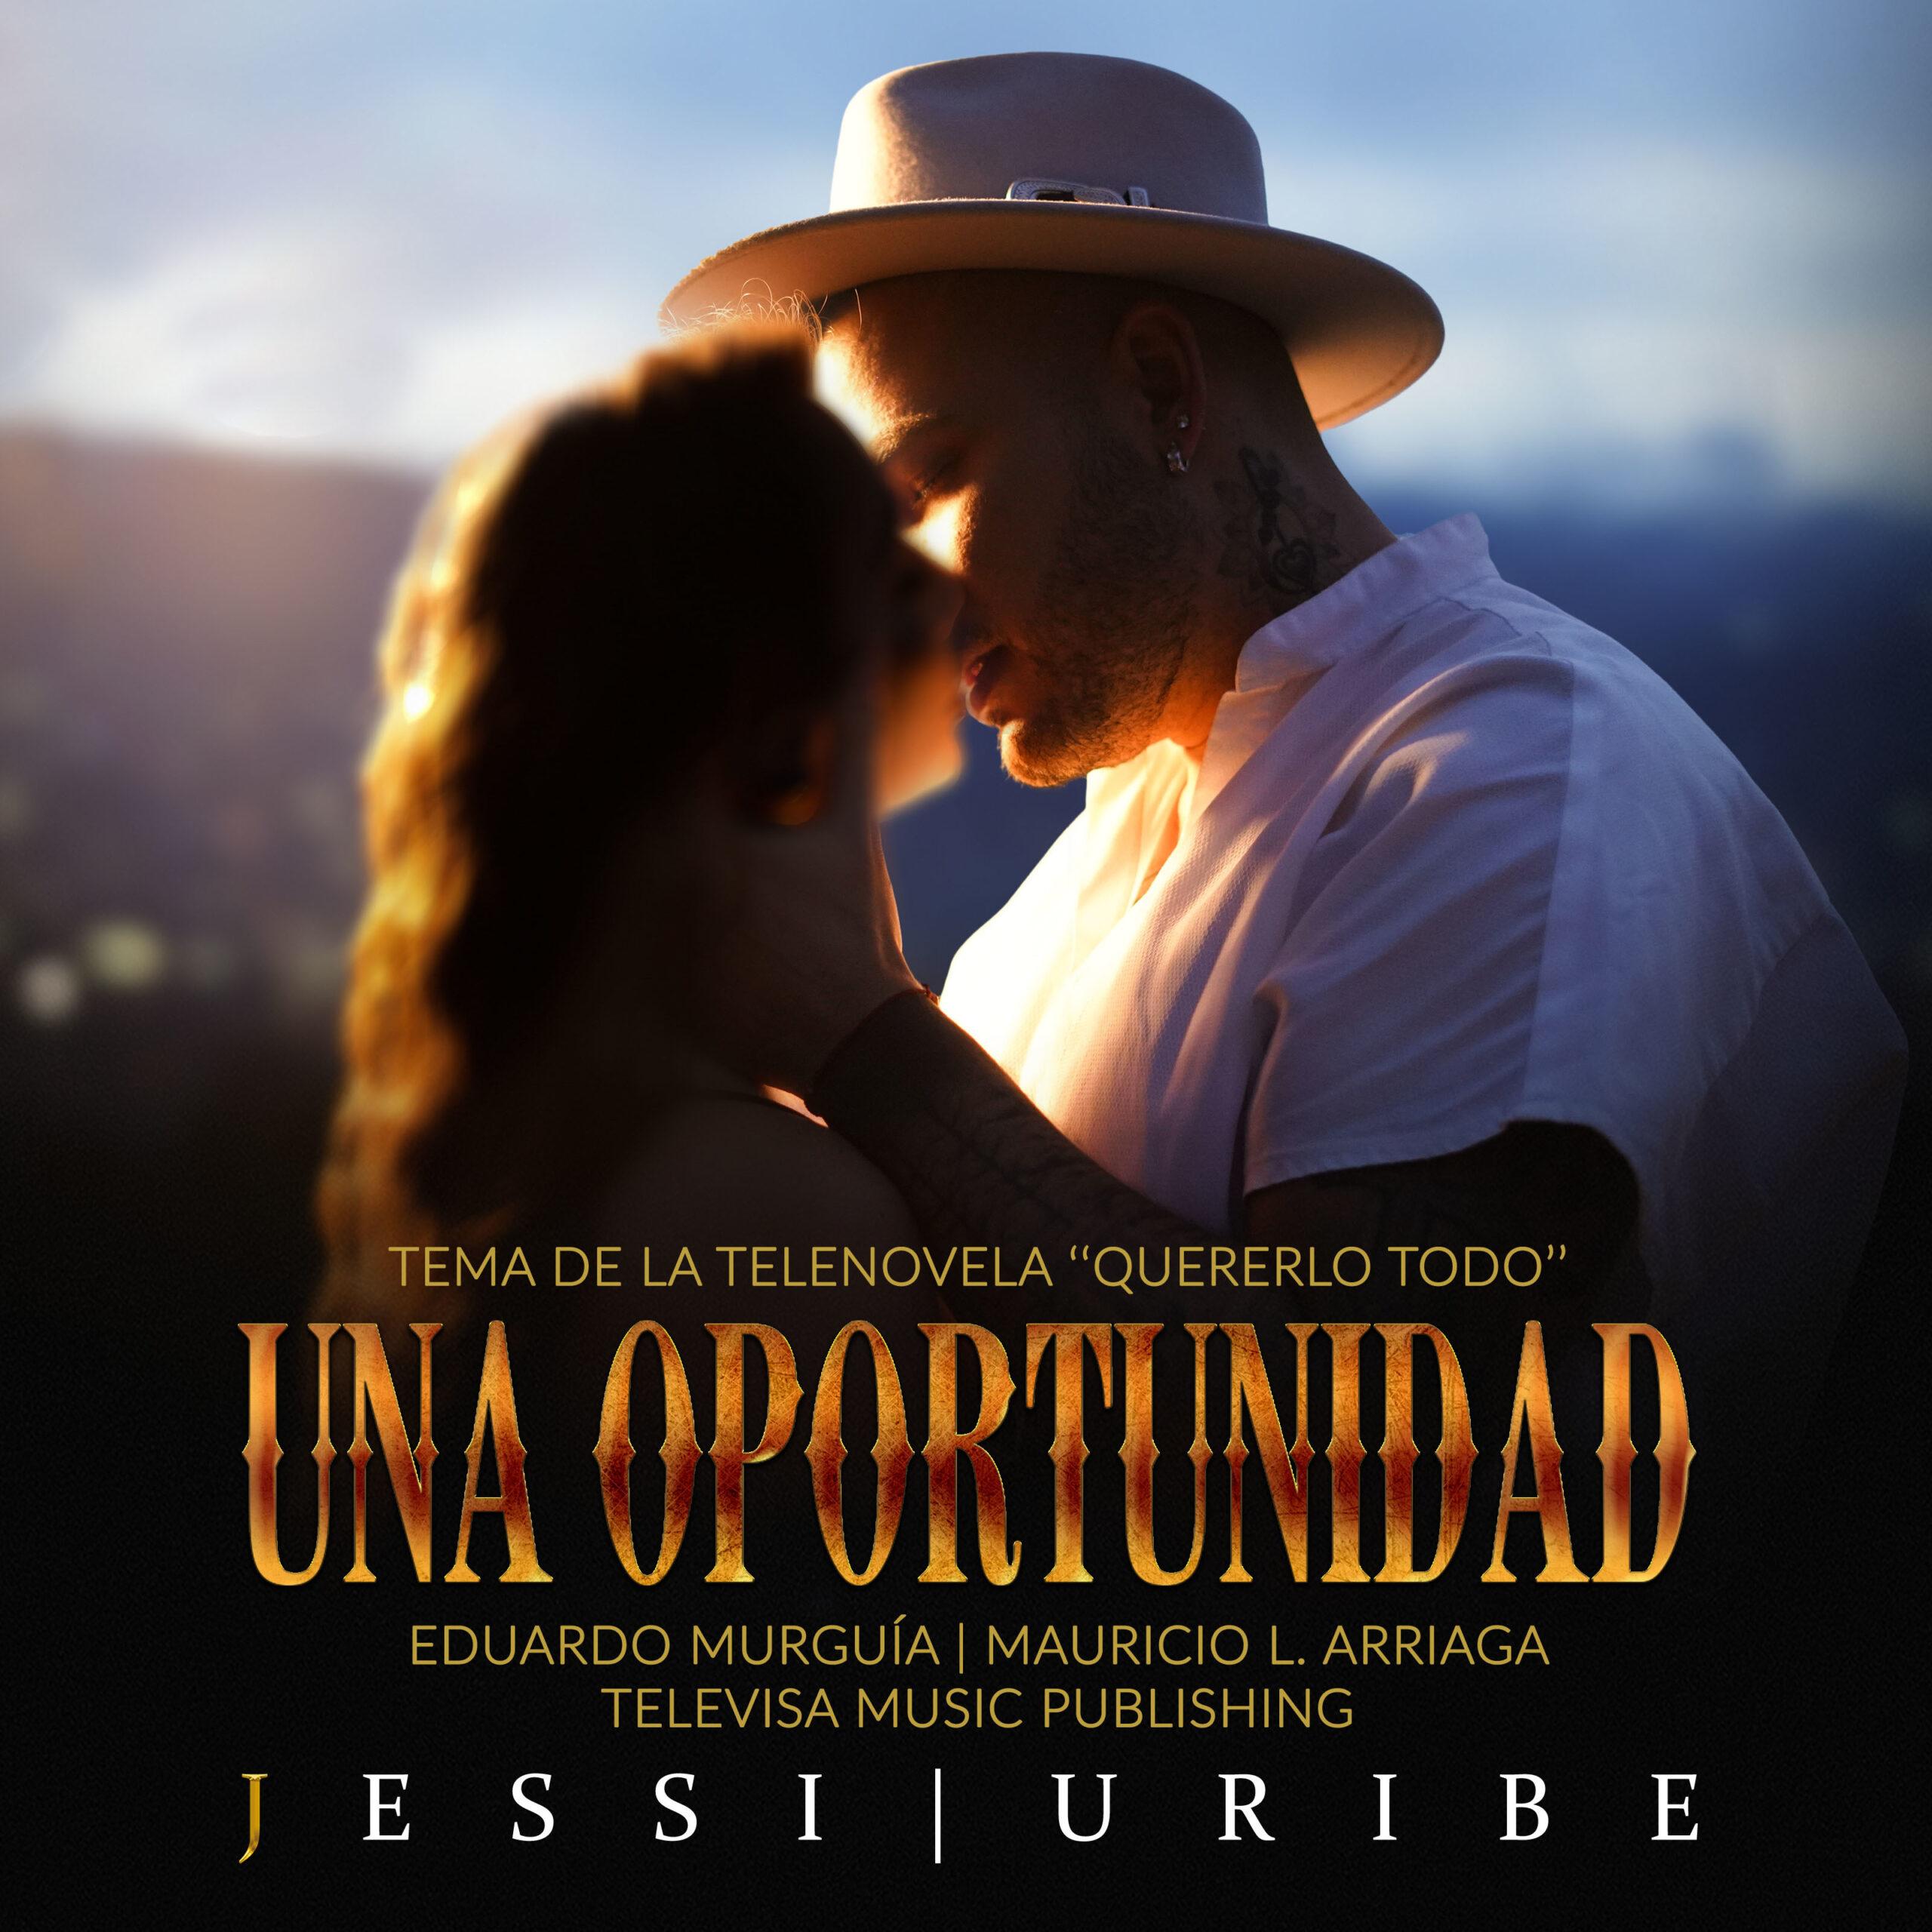 EL DESPECHO DE JESSI URIBE LLEGA A LAS PANTALLAS DE LA TELEVISIÓN MEXICANA Y NORTEAMERICANA